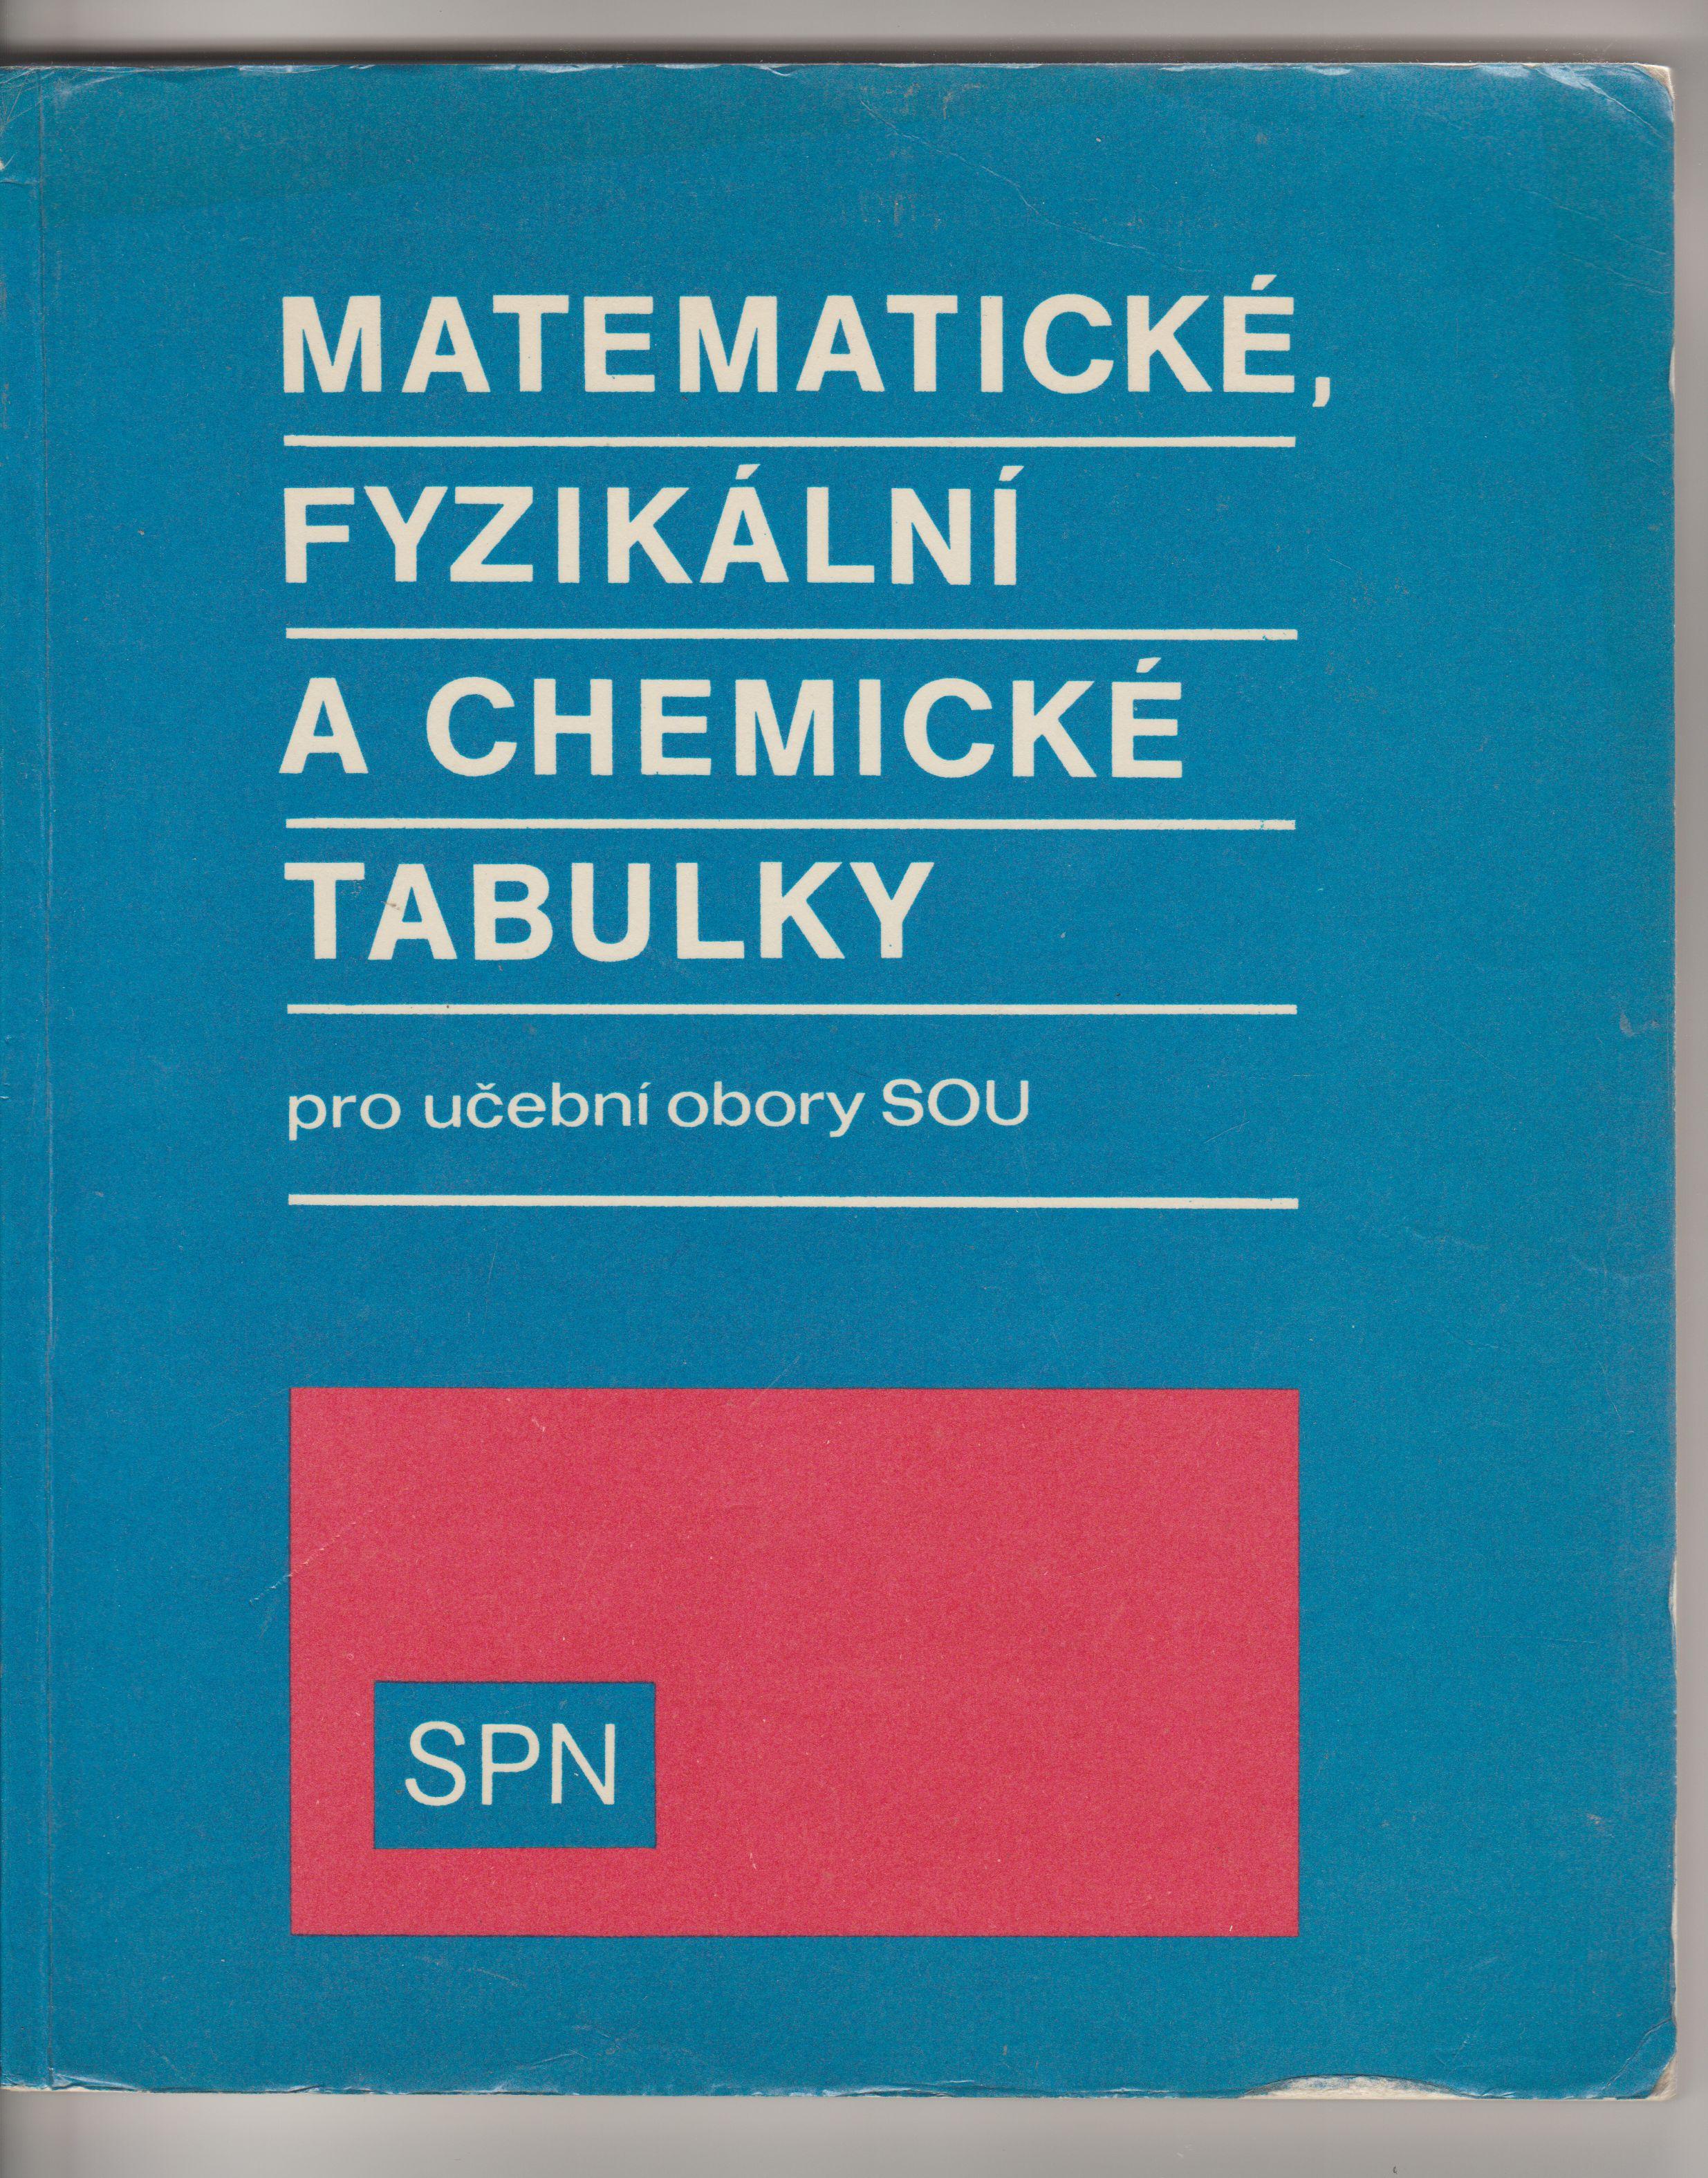 Matematické, fyzikální a chemické tabulky - kolektiv autorů